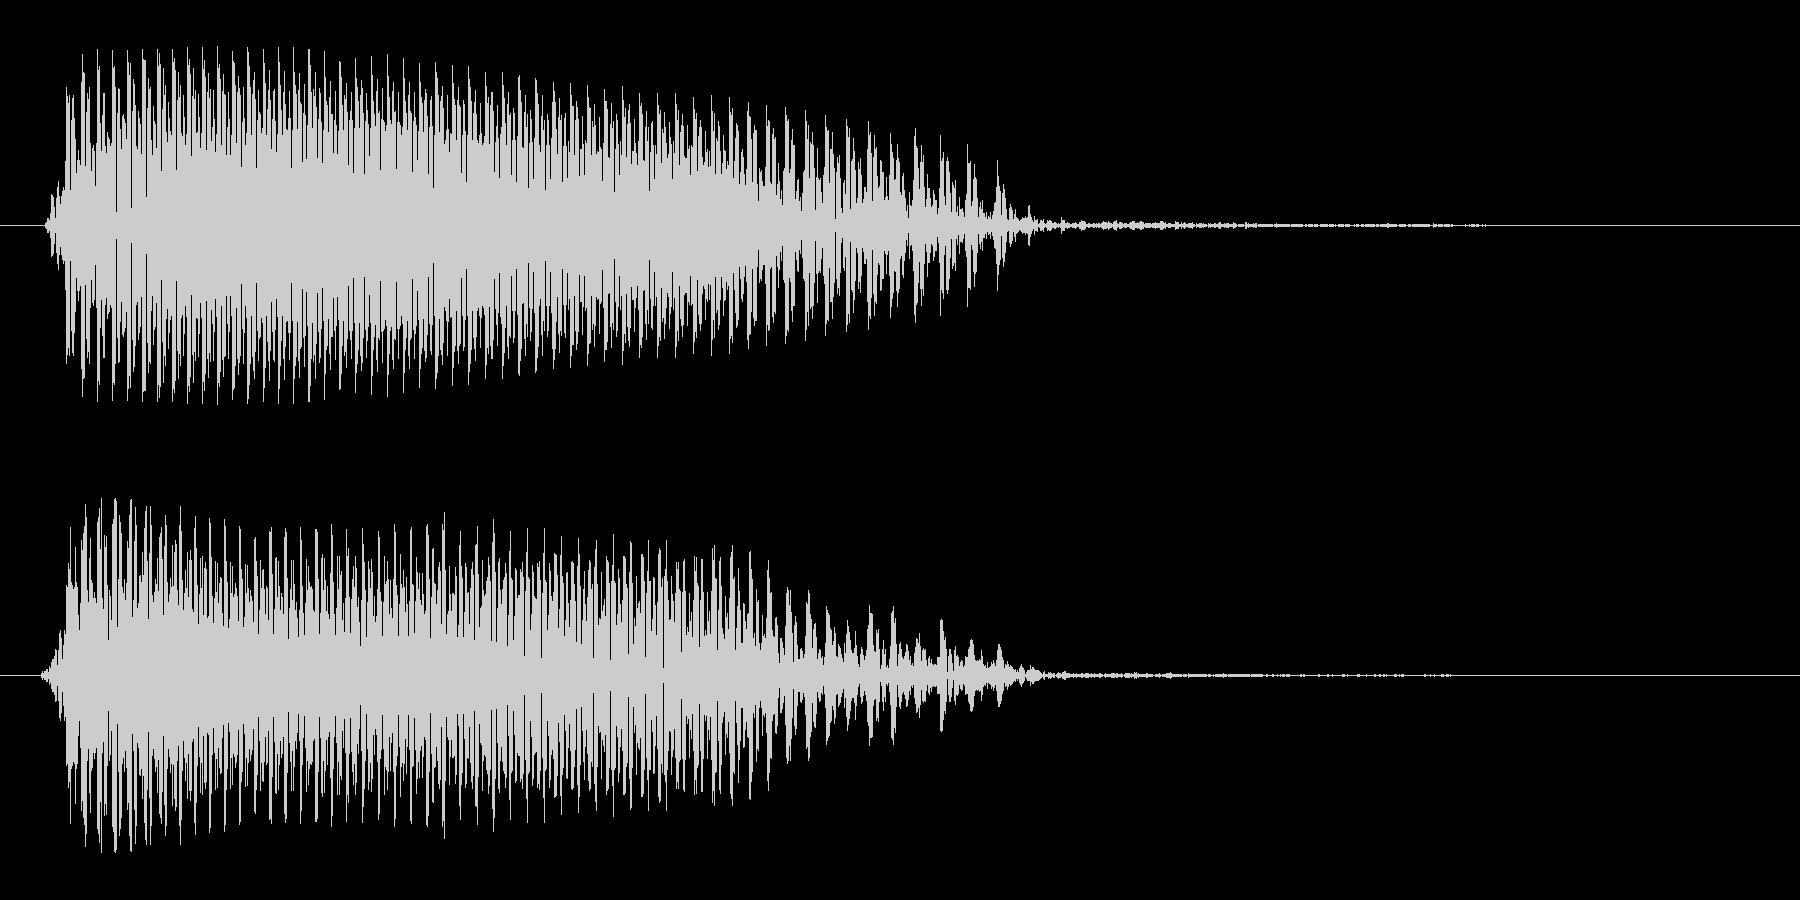 カラスの鳴き声の効果音の未再生の波形